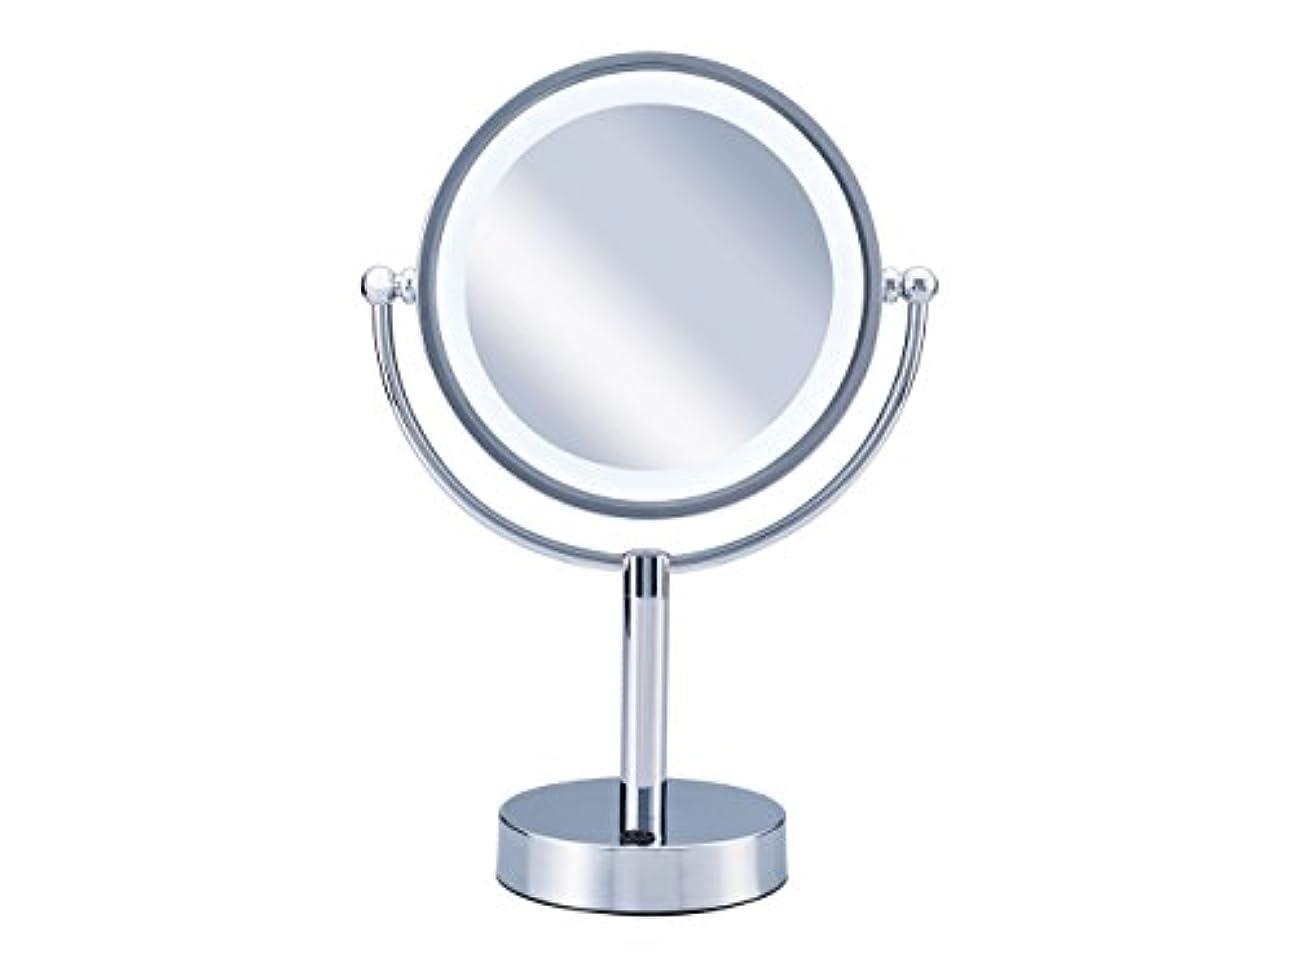 クリスチャン会話突撃コイズミ 拡大鏡 LEDライト付き 1倍/5倍 KBE-3000/S